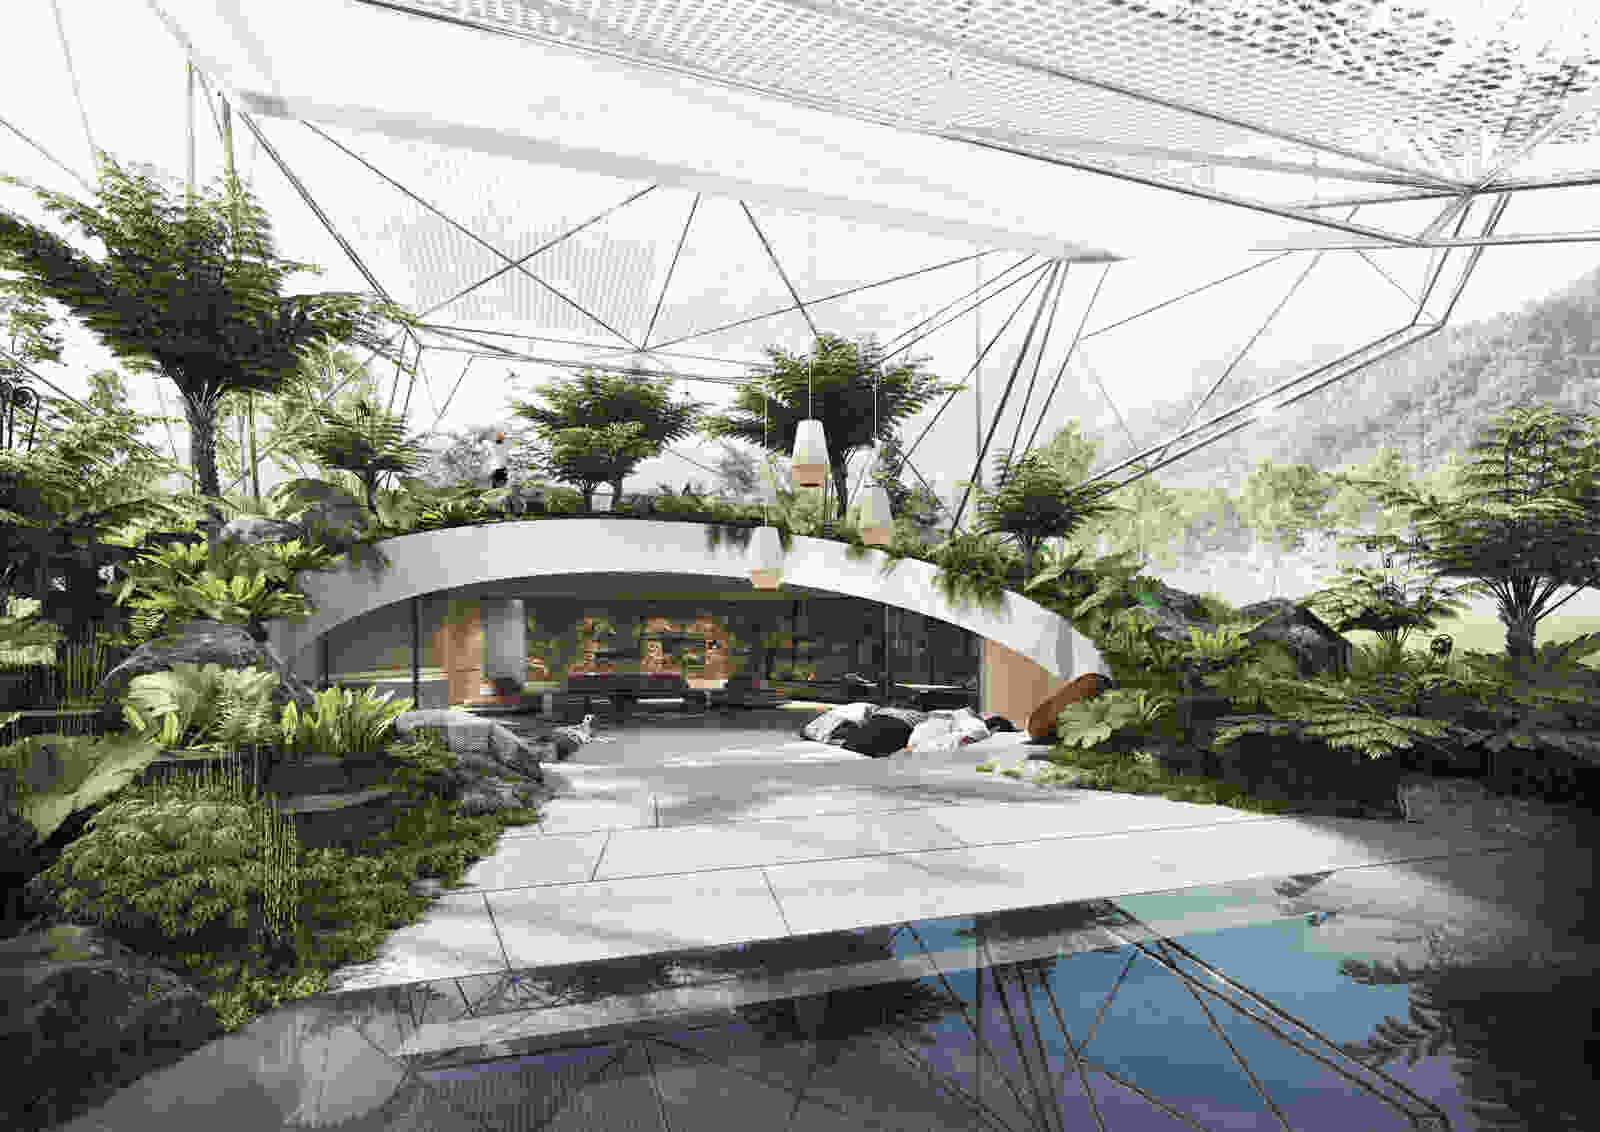 477 dmaa H O M E House 2021 vis 09 interior